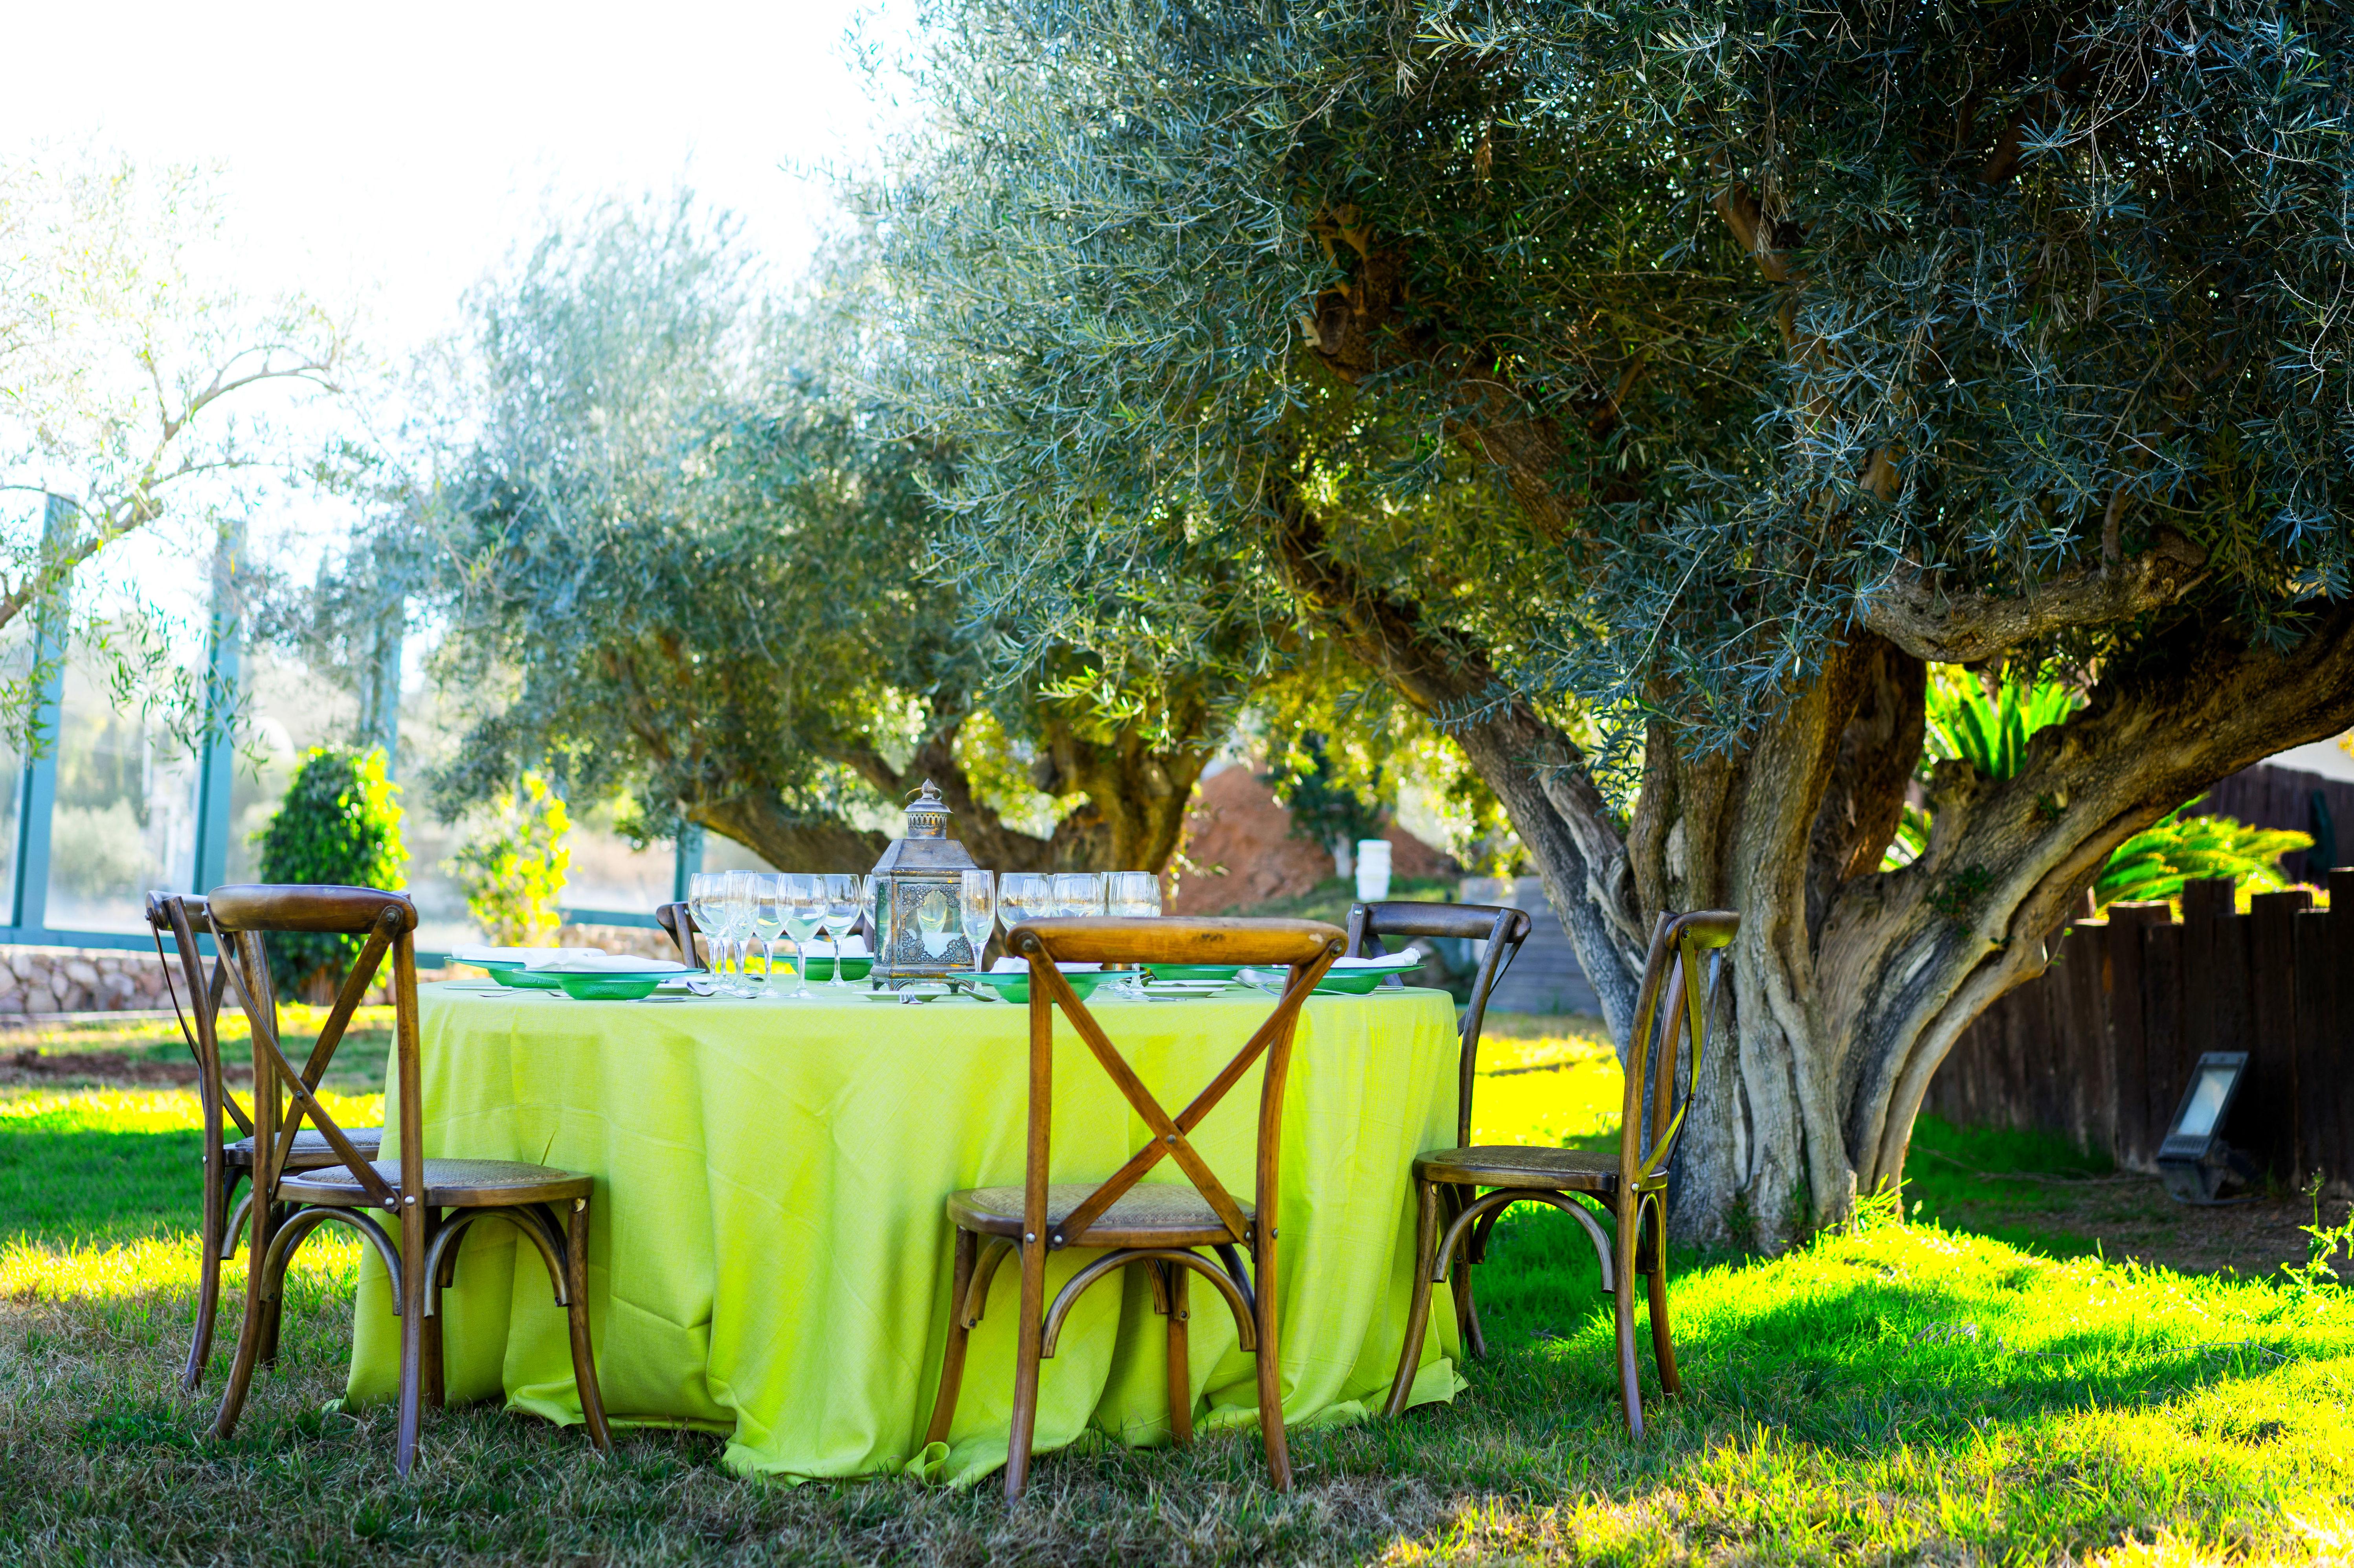 Foto 69 de Alquiler de sillas, mesas y menaje en  | Mantelería & Menaje